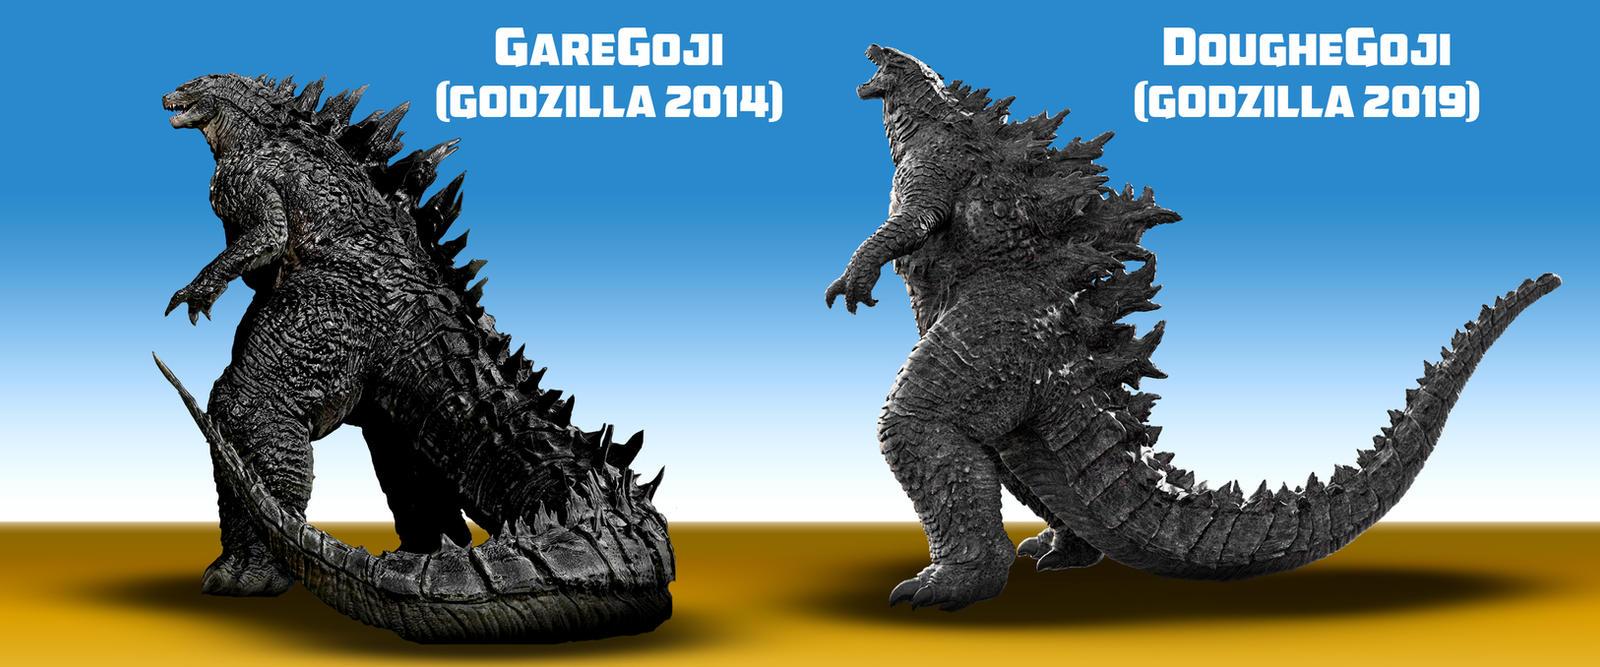 Godzilla 2014 2019 Comparison By Awesomeness360 On Deviantart